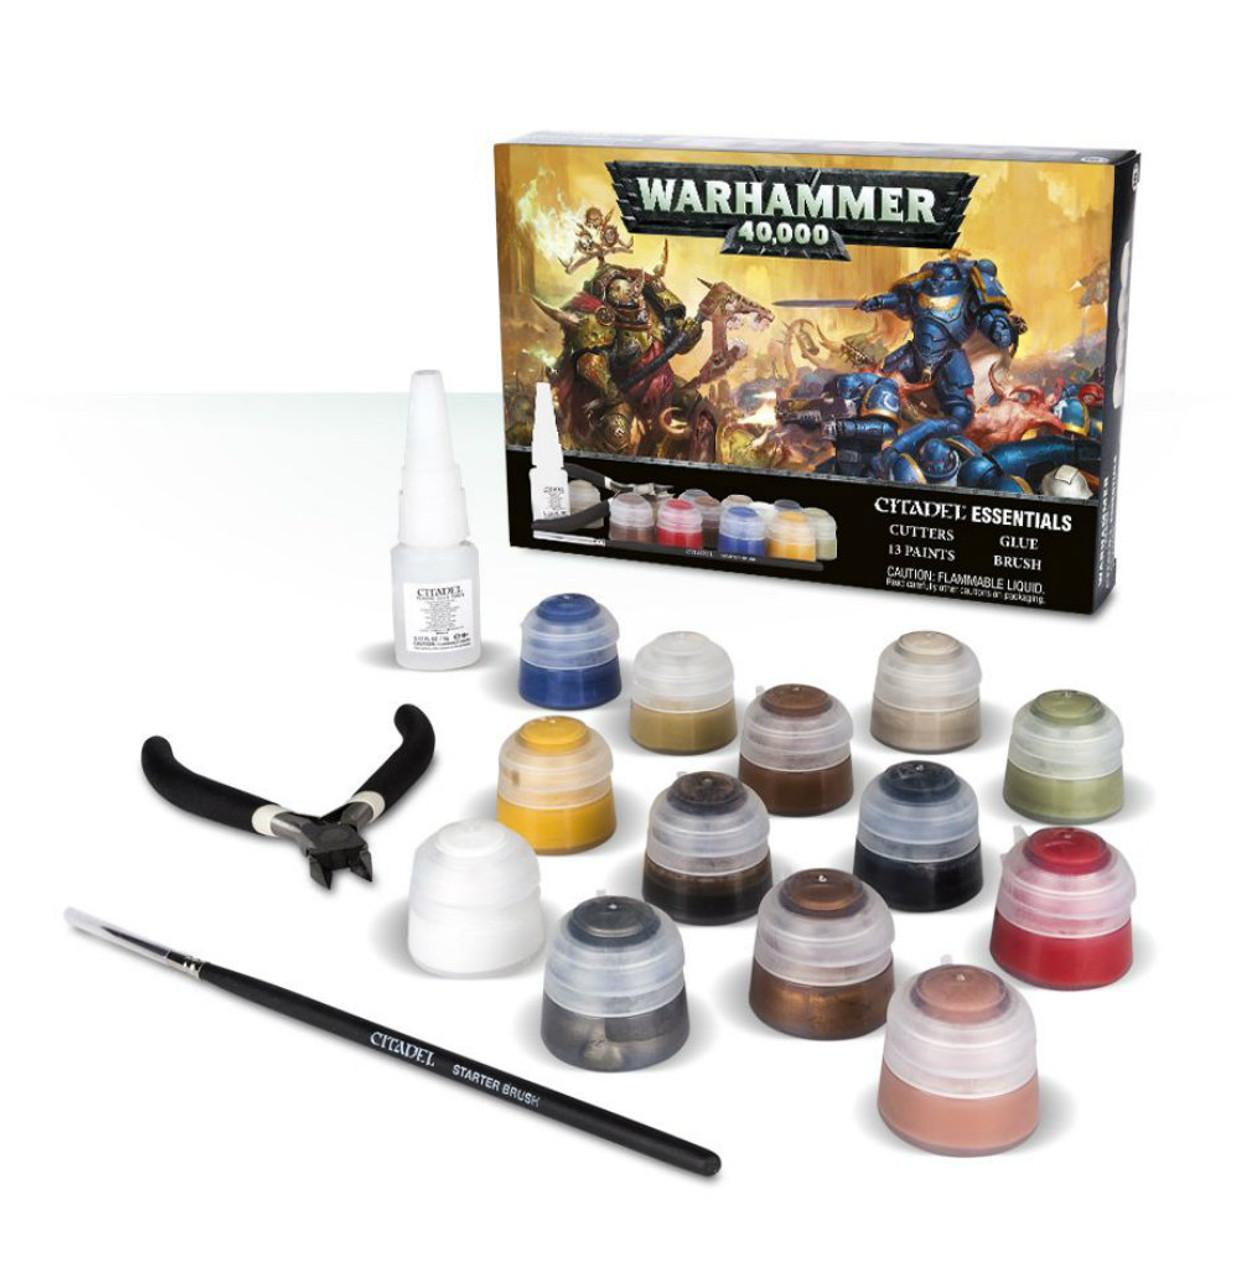 Warhammer 40K: Citadel Essentials